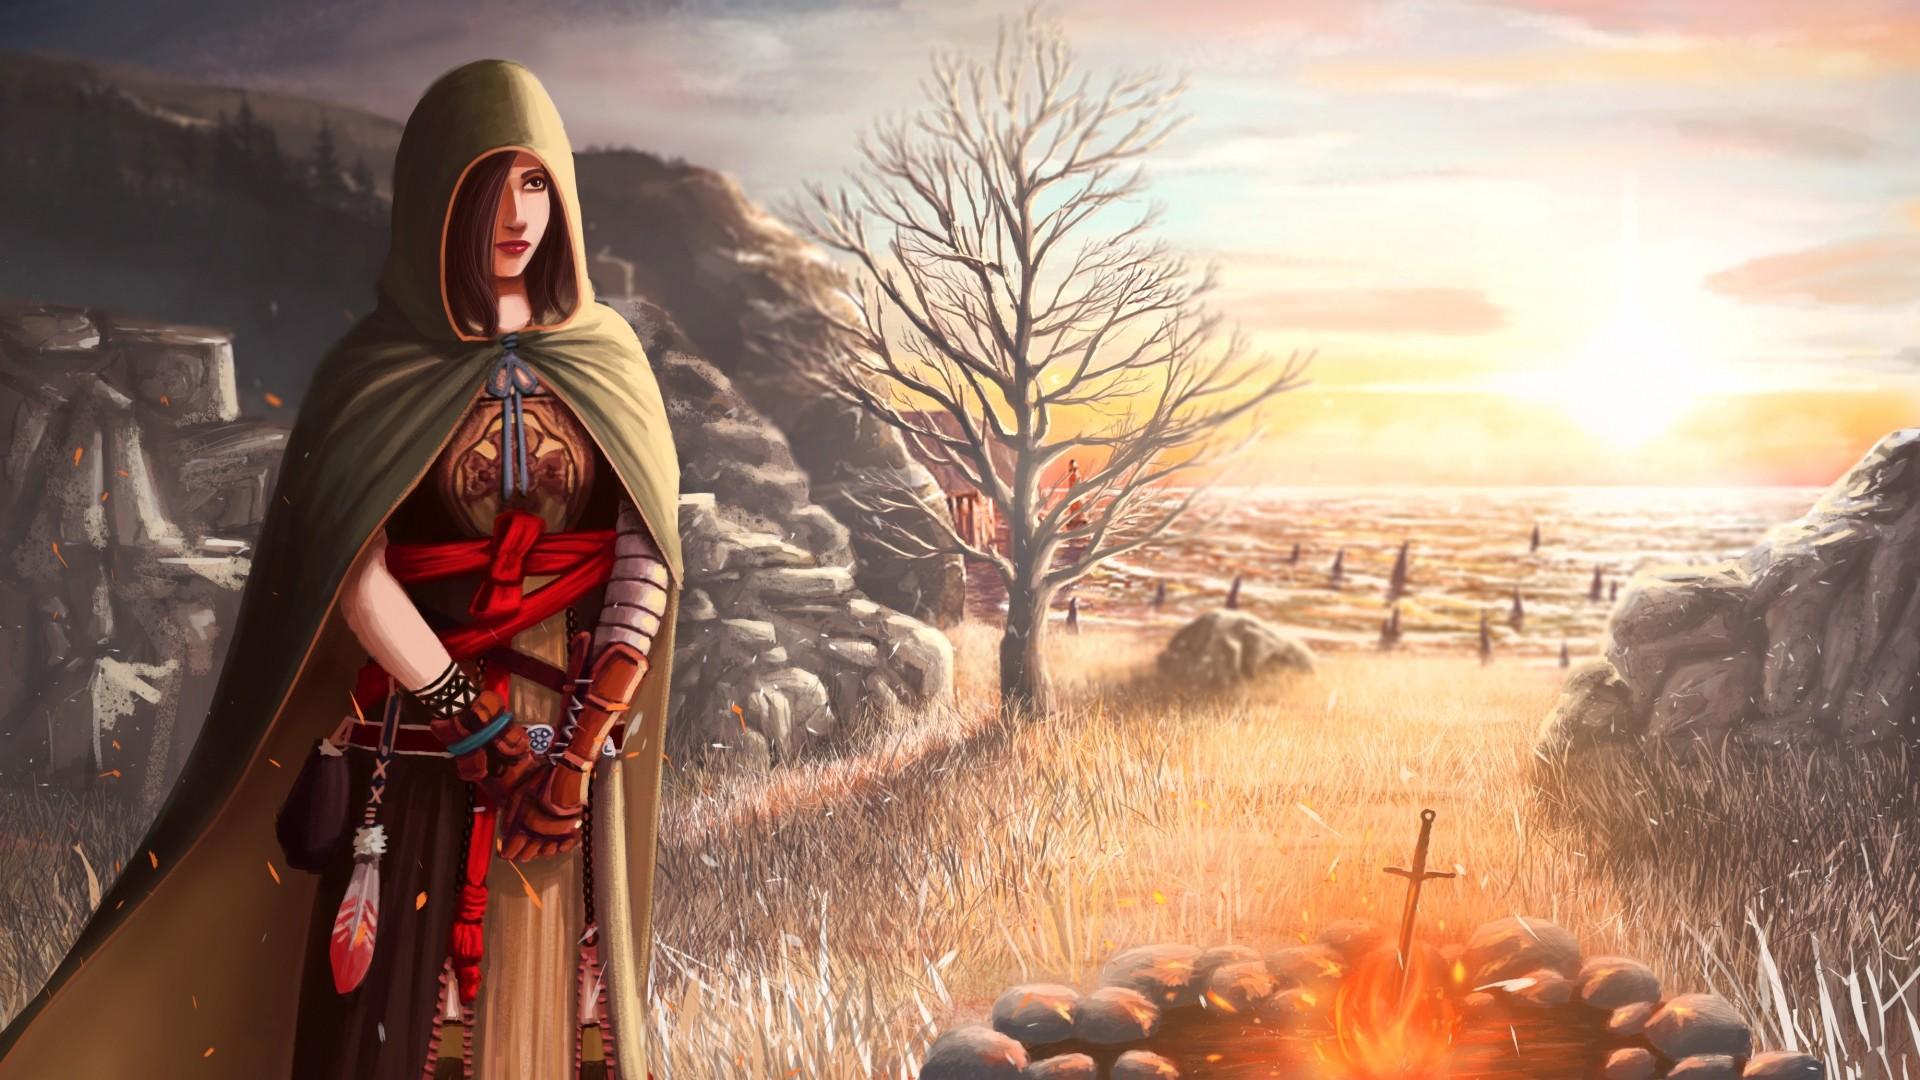 Wallpaper dark souls 2, shanalotte, girl, cape, field